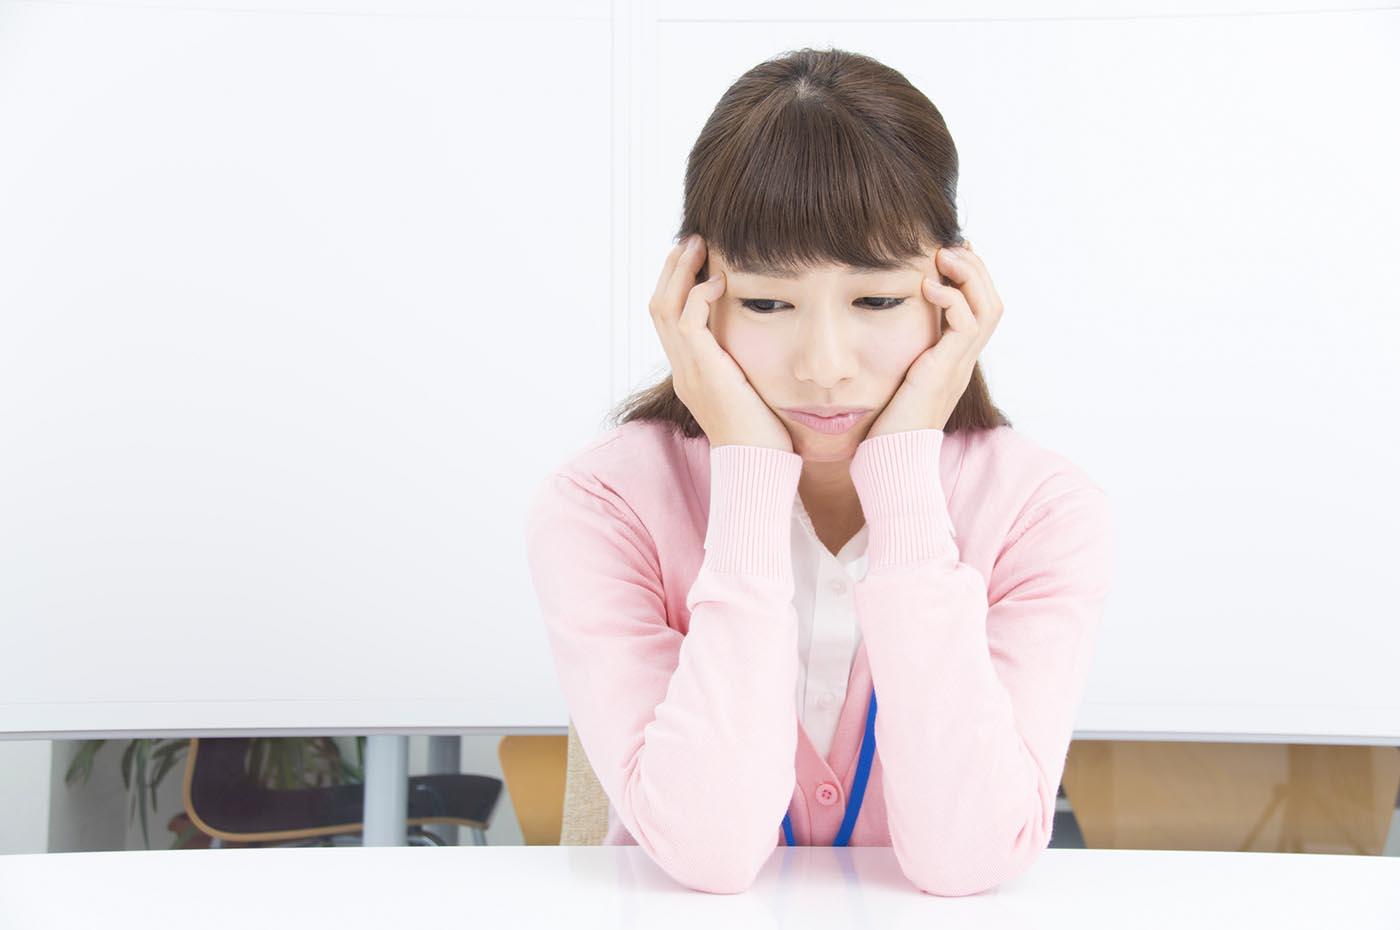 「春うつ」症状で不眠…原因は?自己チェックで早めの対策を